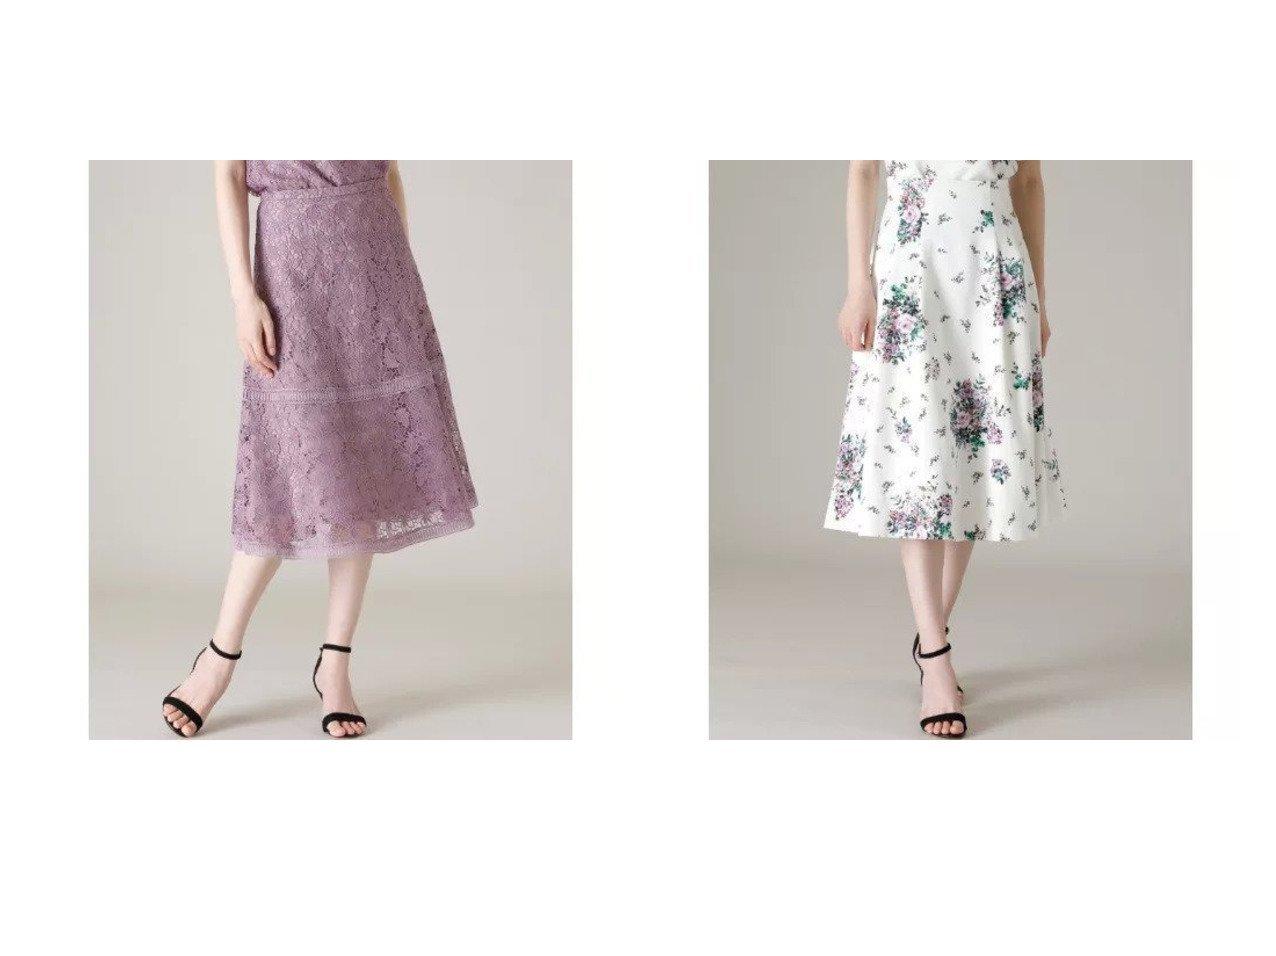 【ef-de/エフデ】の《Maglie WHITE》トルコレースフレアスカート&《Maglie par ef-de》フラワープリントスカート 【スカート】おすすめ!人気、トレンド・レディースファッションの通販 おすすめで人気の流行・トレンド、ファッションの通販商品 メンズファッション・キッズファッション・インテリア・家具・レディースファッション・服の通販 founy(ファニー) https://founy.com/ ファッション Fashion レディースファッション WOMEN スカート Skirt Aライン/フレアスカート Flared A-Line Skirts サンダル セットアップ チュール フラワー フレア プリント ポケット おすすめ Recommend ケミカル ティアード ボタニカル モチーフ レース 人気 春 Spring |ID:crp329100000029130